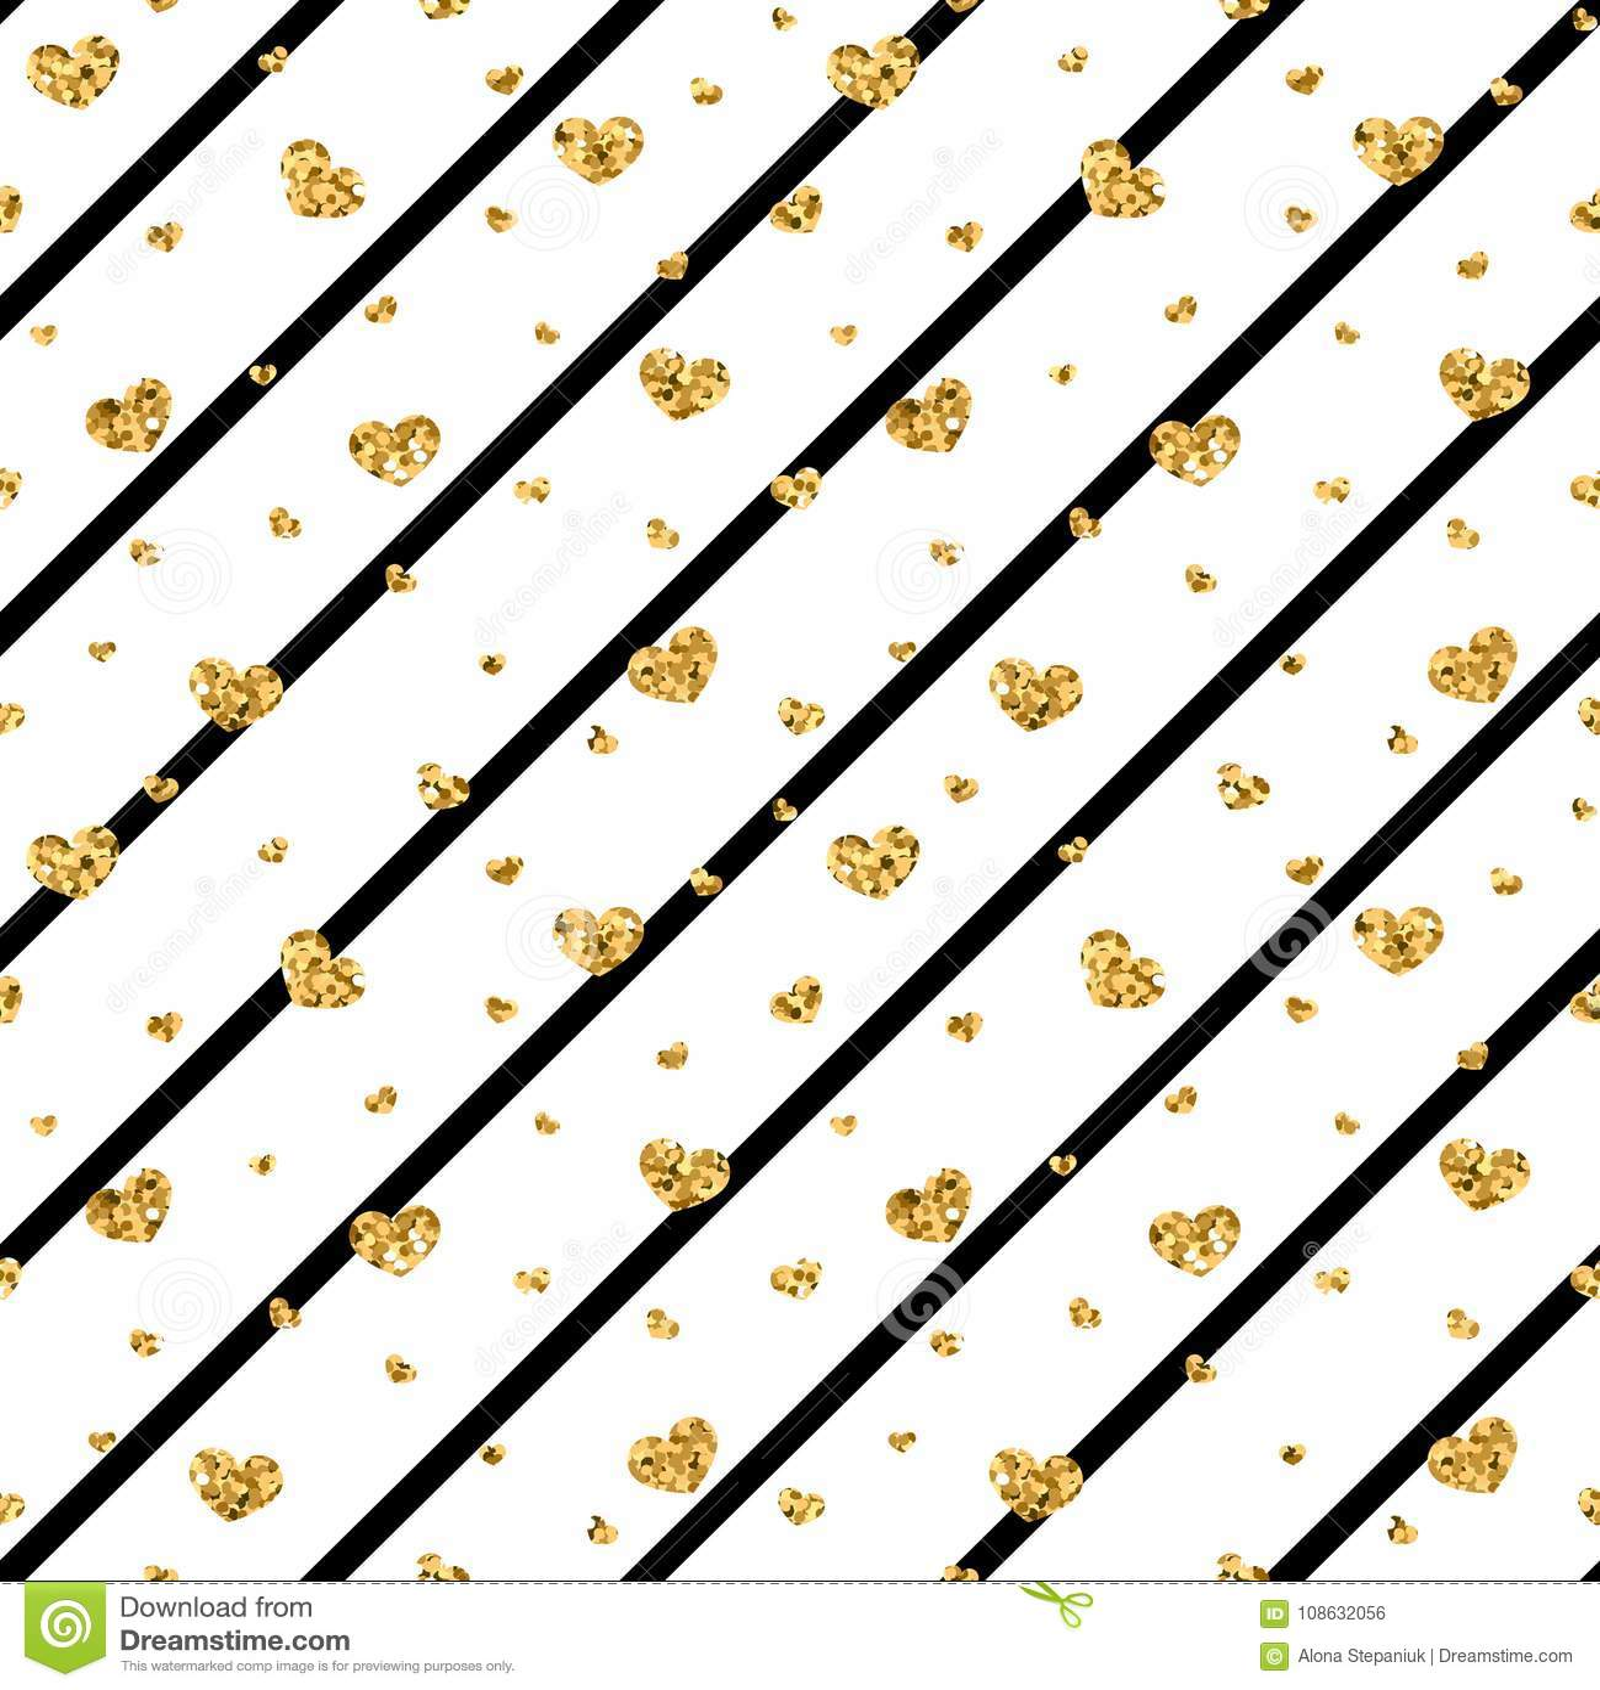 Teste padrão sem emenda do coração do ouro listras geométricas Preto-brancas, confete-corações dourados Símbolo do amor, dia de s